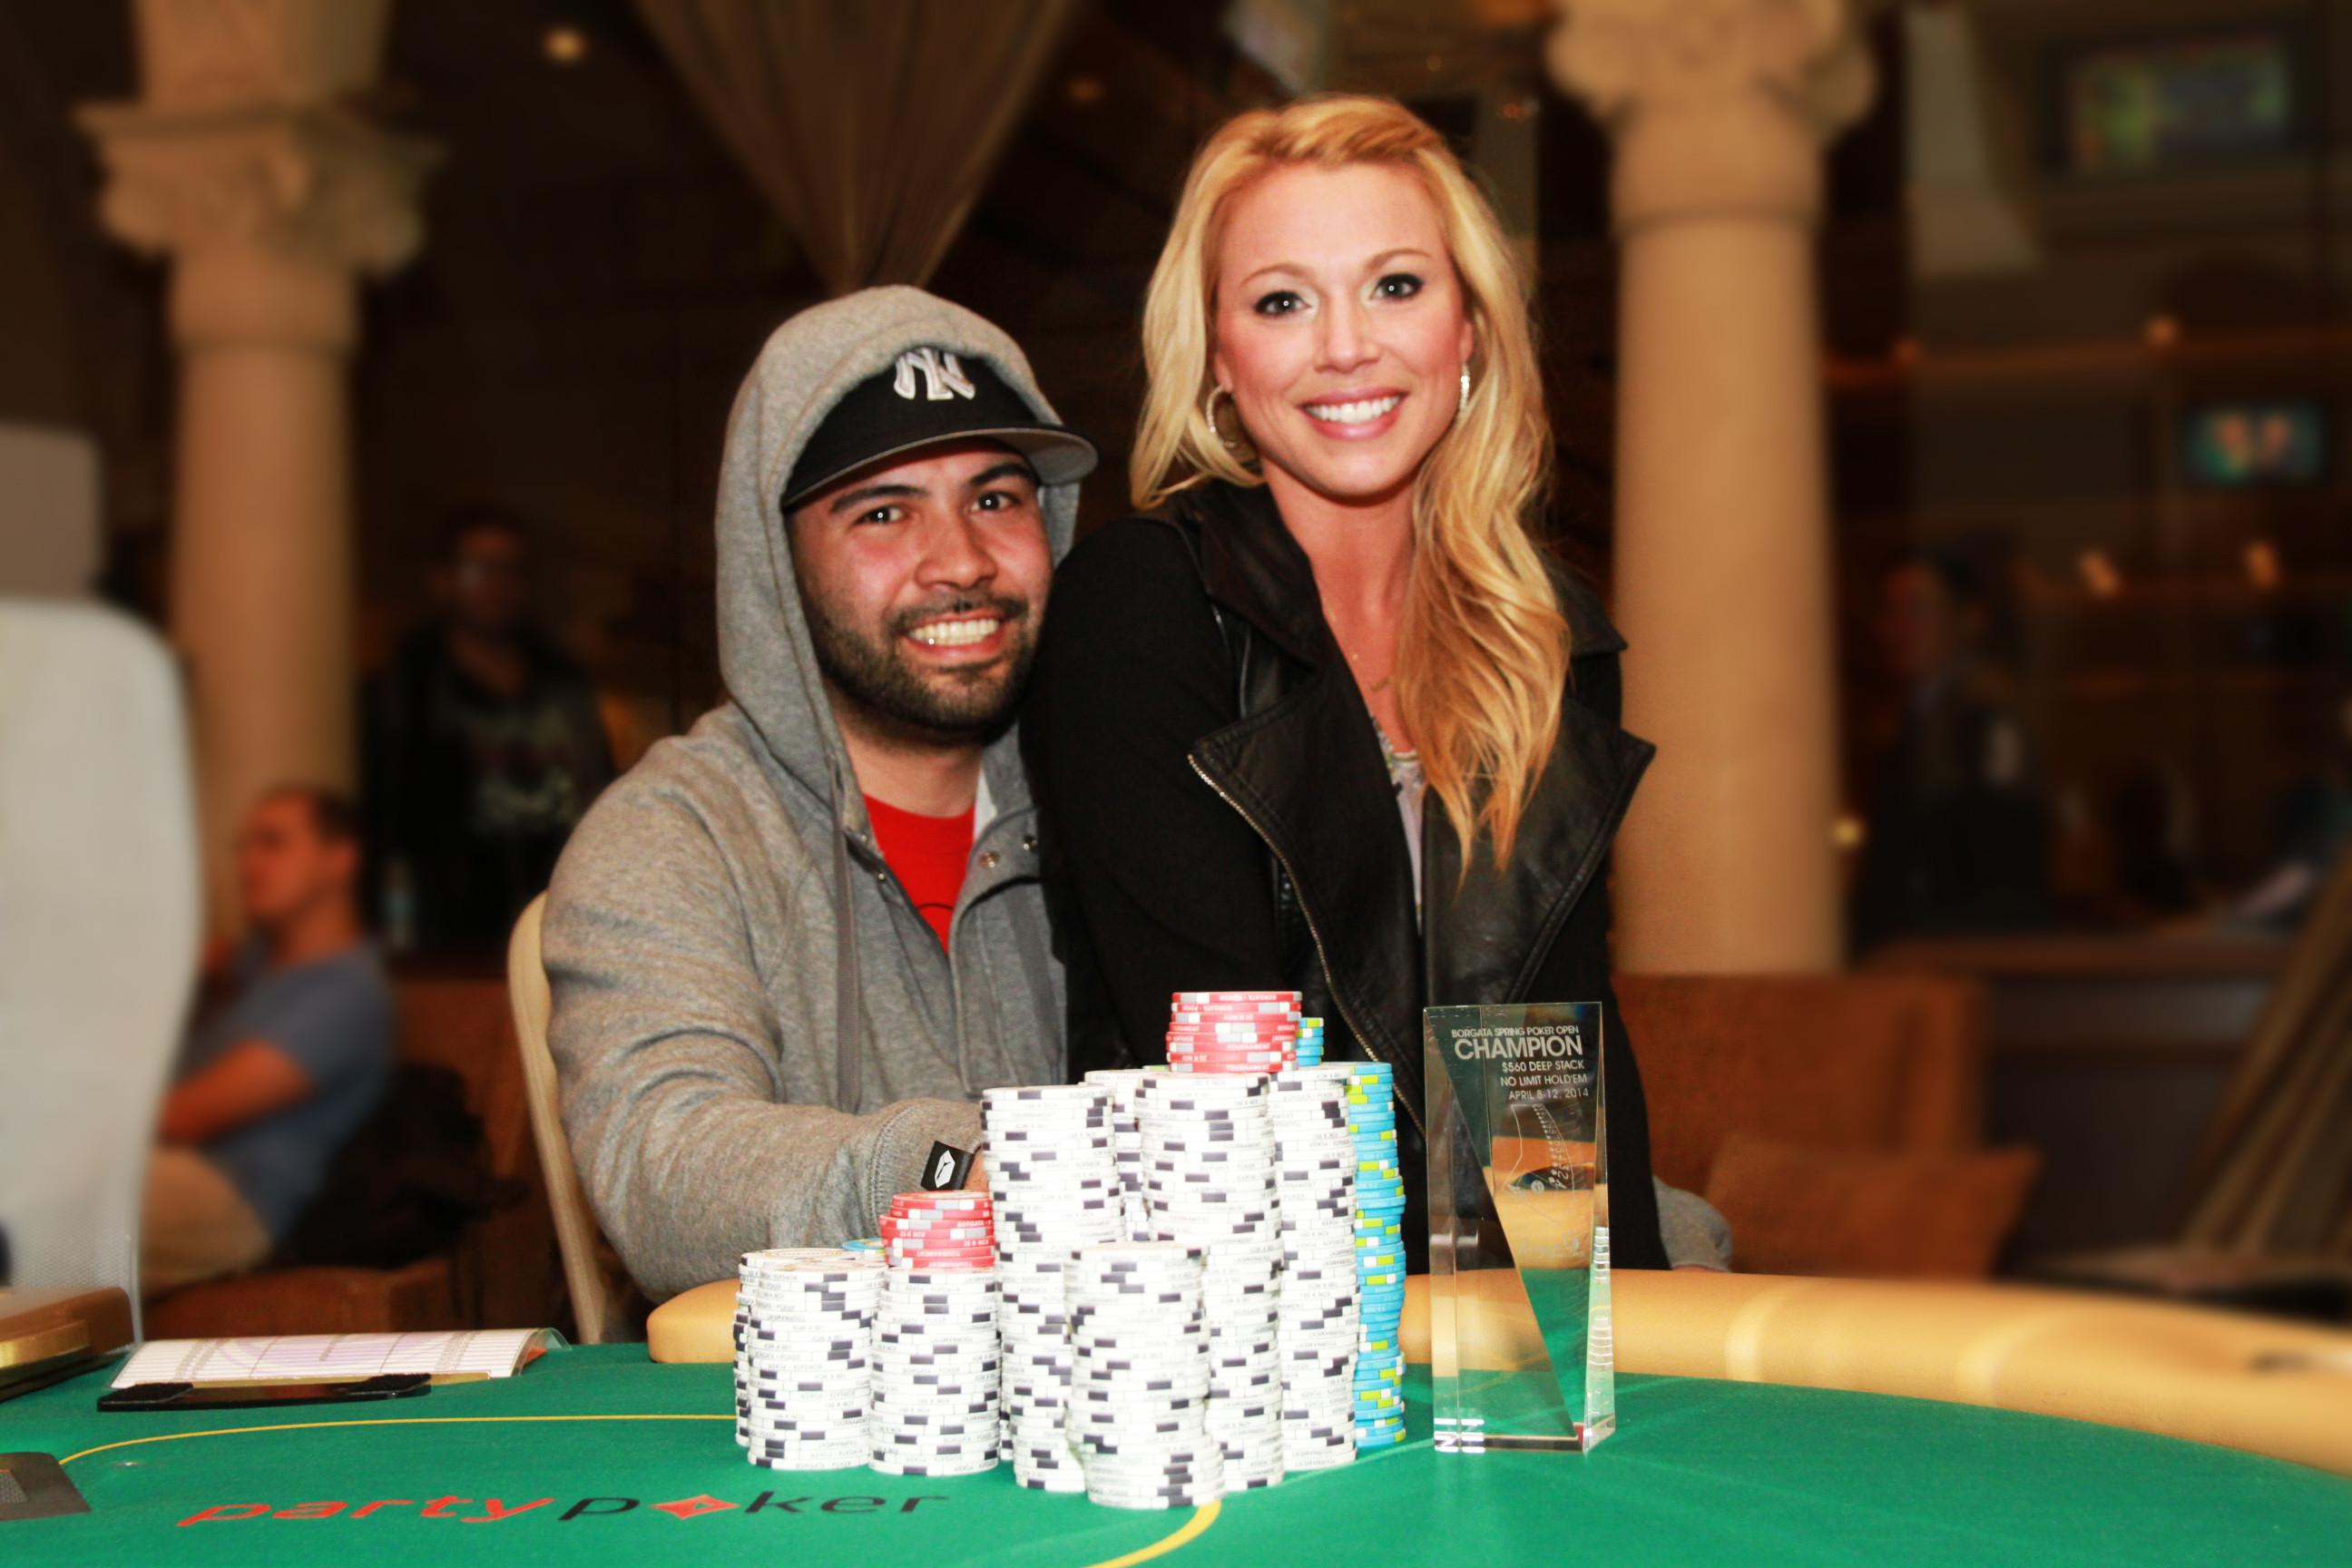 anna casino affiliates